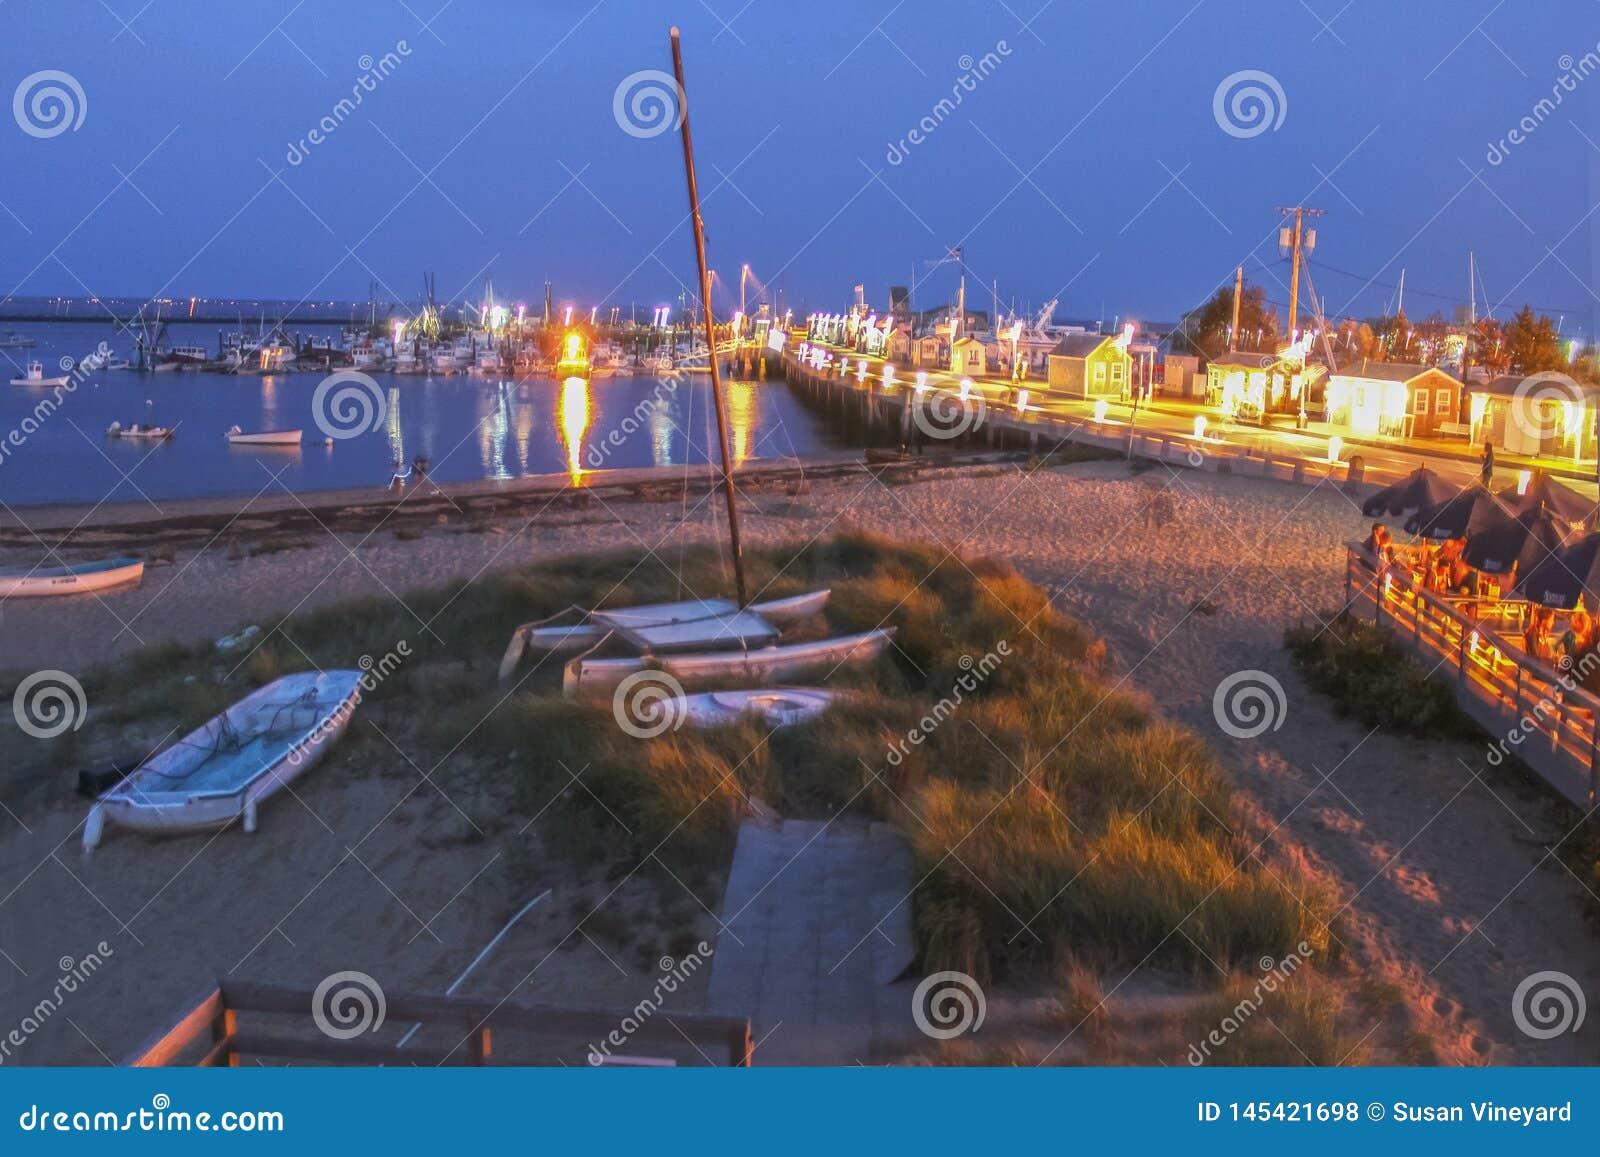 Embarcadero de MacMillan en la extremidad de Cape Cod los E.E.U.U. en la noche - un eje ocupado para pescar y los transbordadores